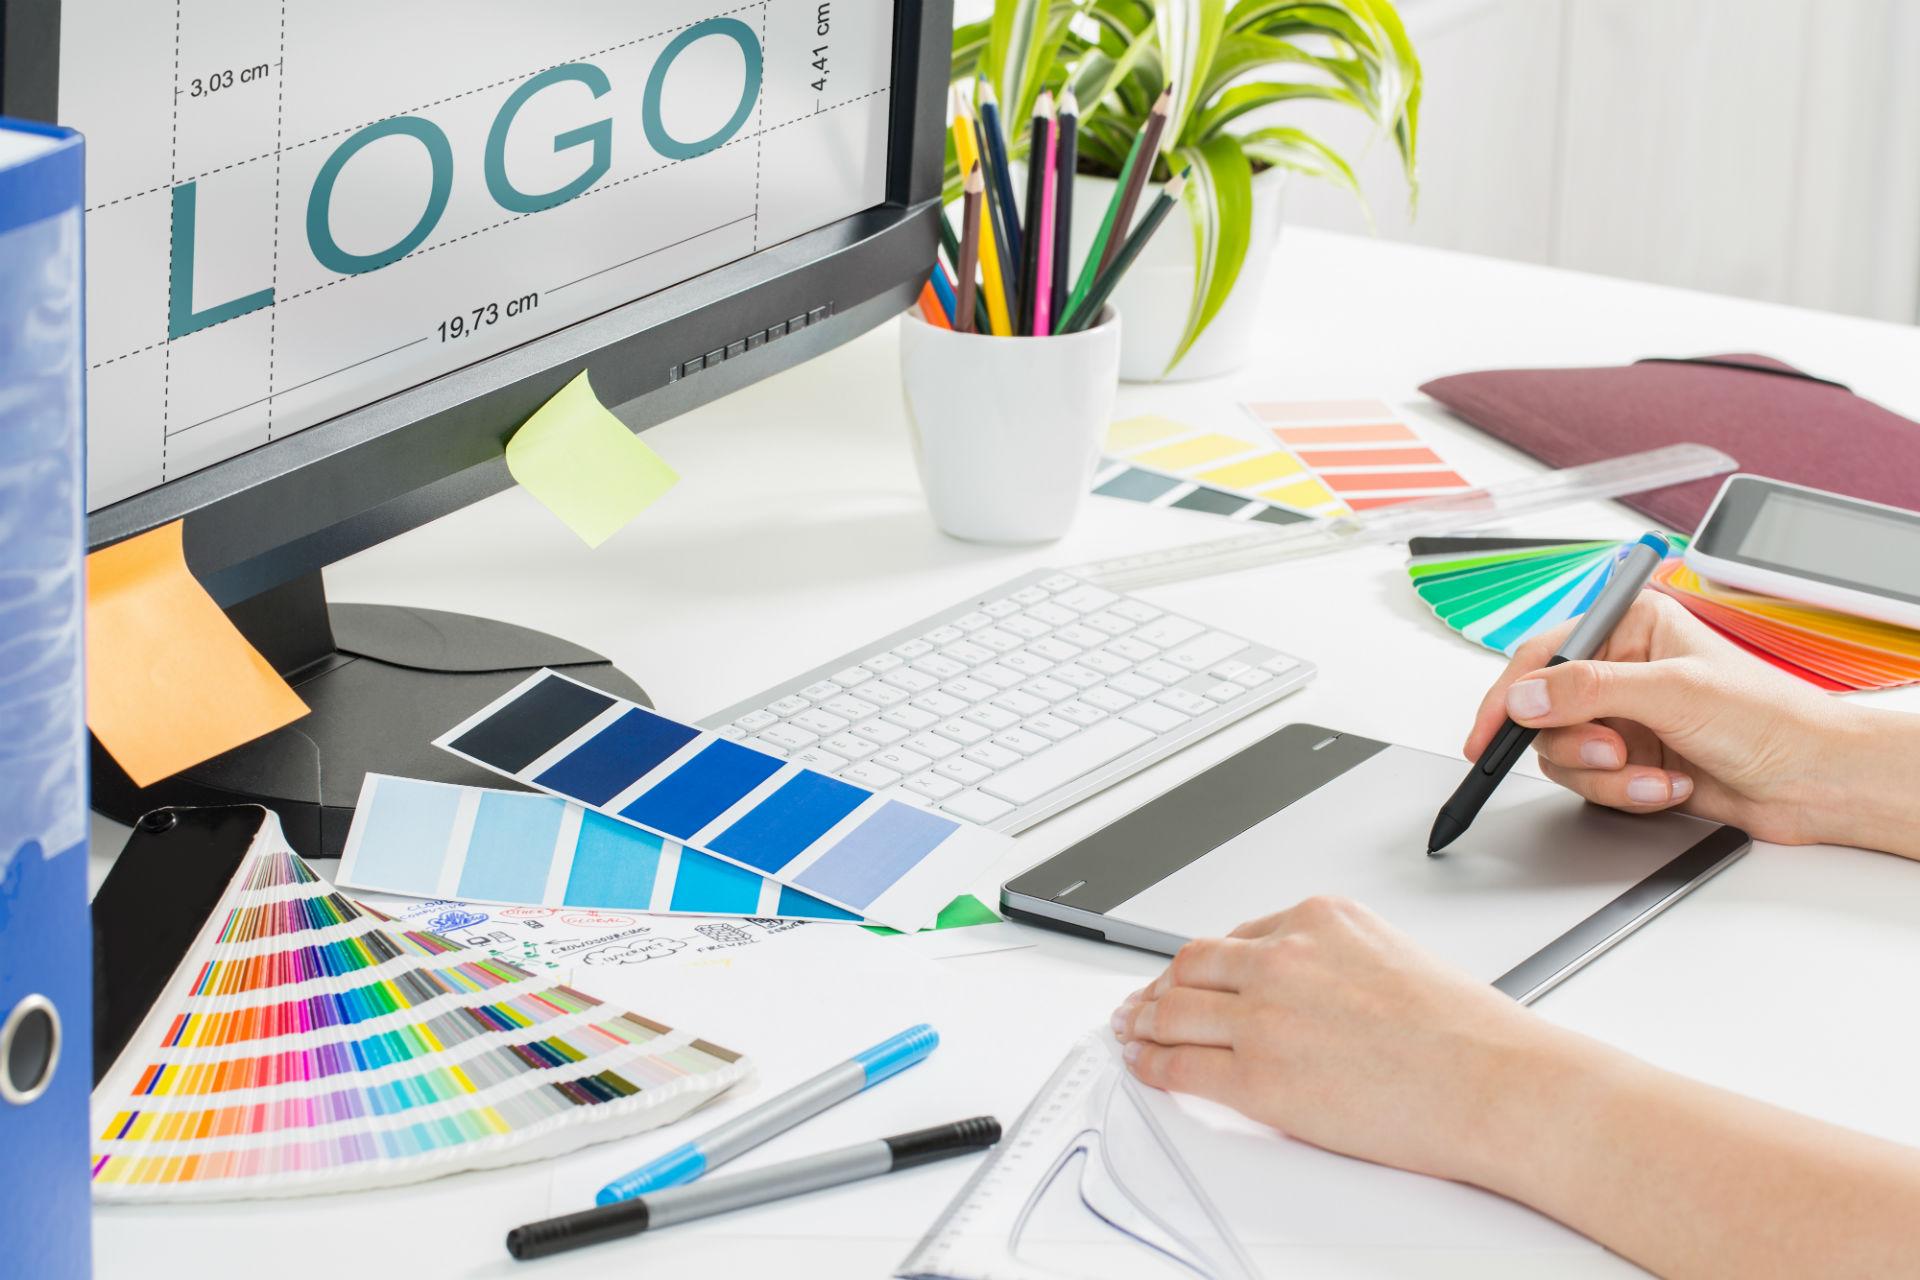 Картинка для графического дизайна